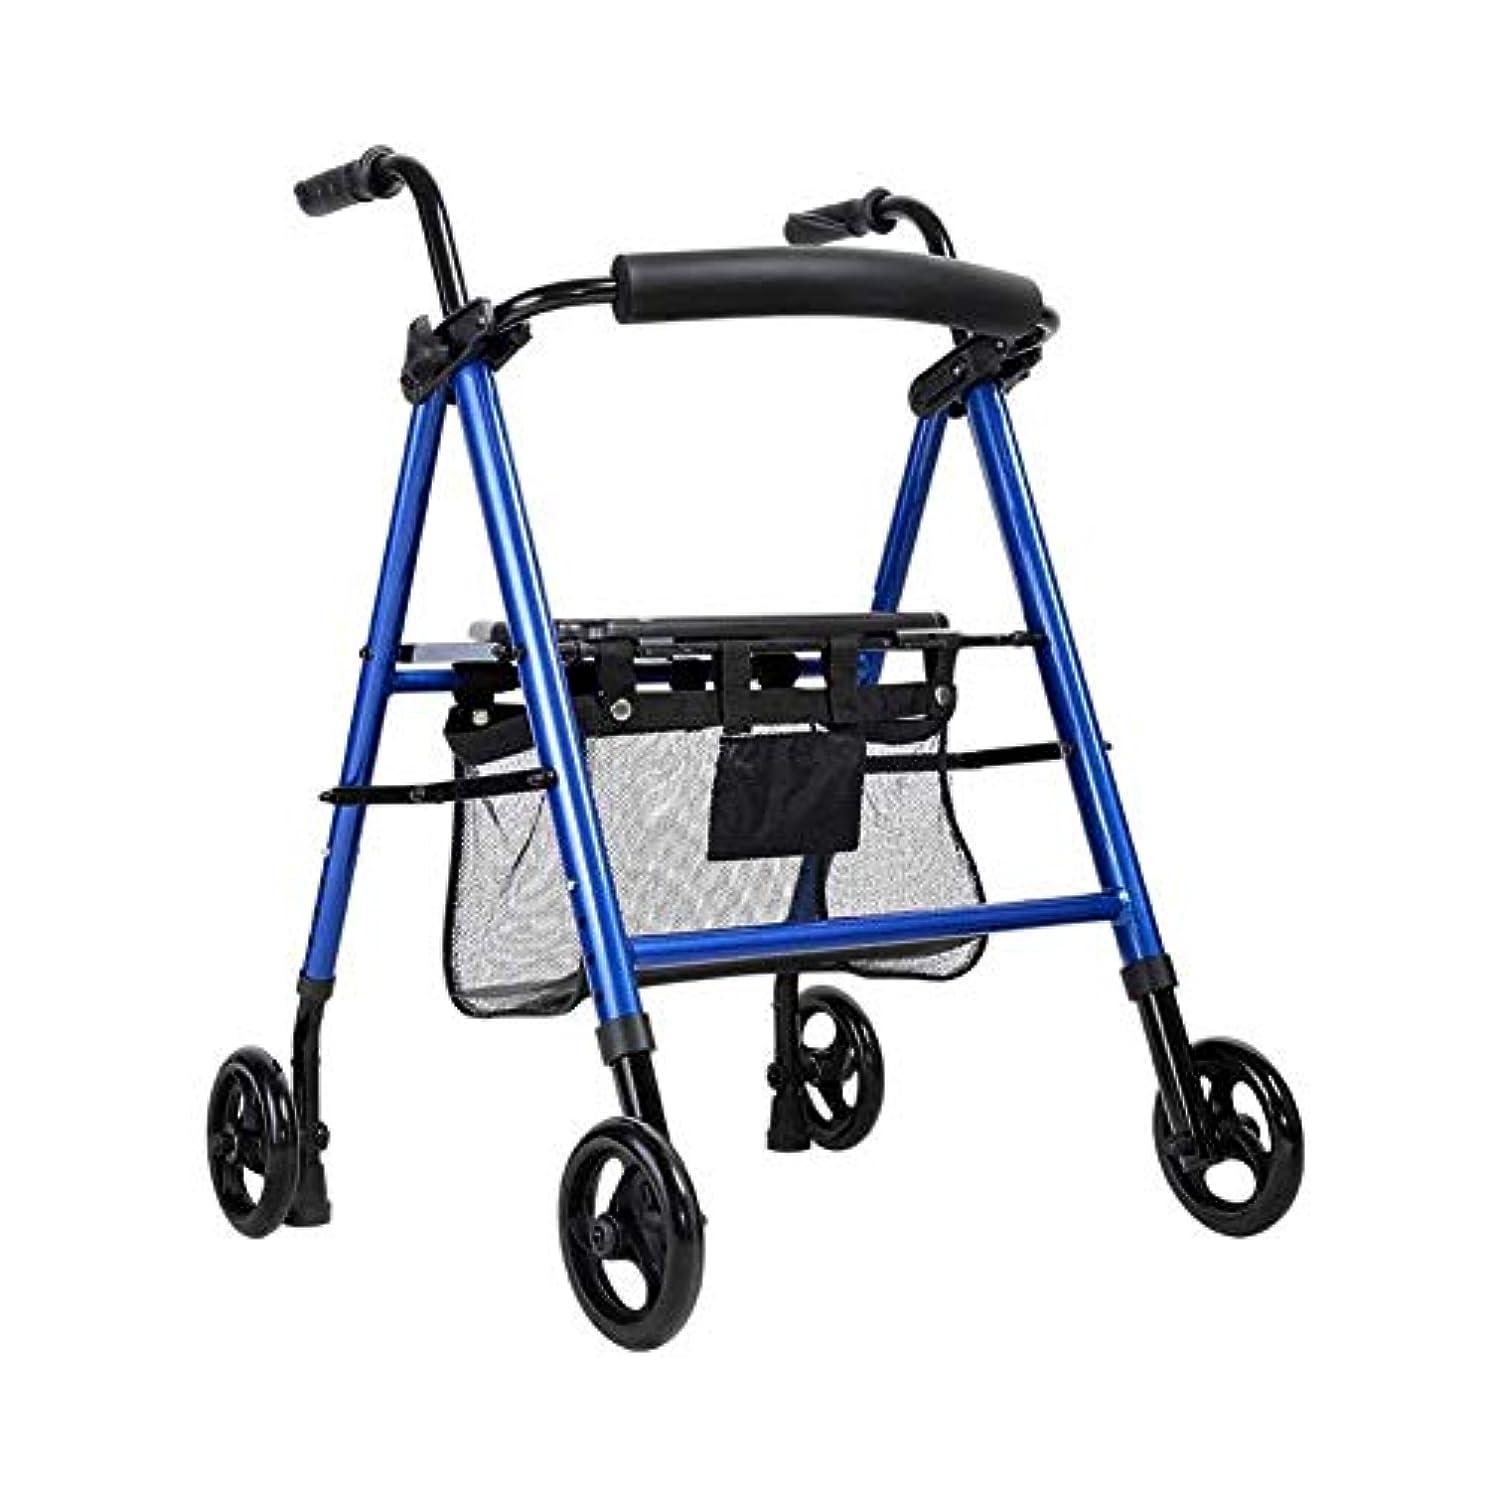 ベット定数合成軽量アルミニウム歩行トロリー、高齢者用の調節可能なシートエイド付き4輪ローラー